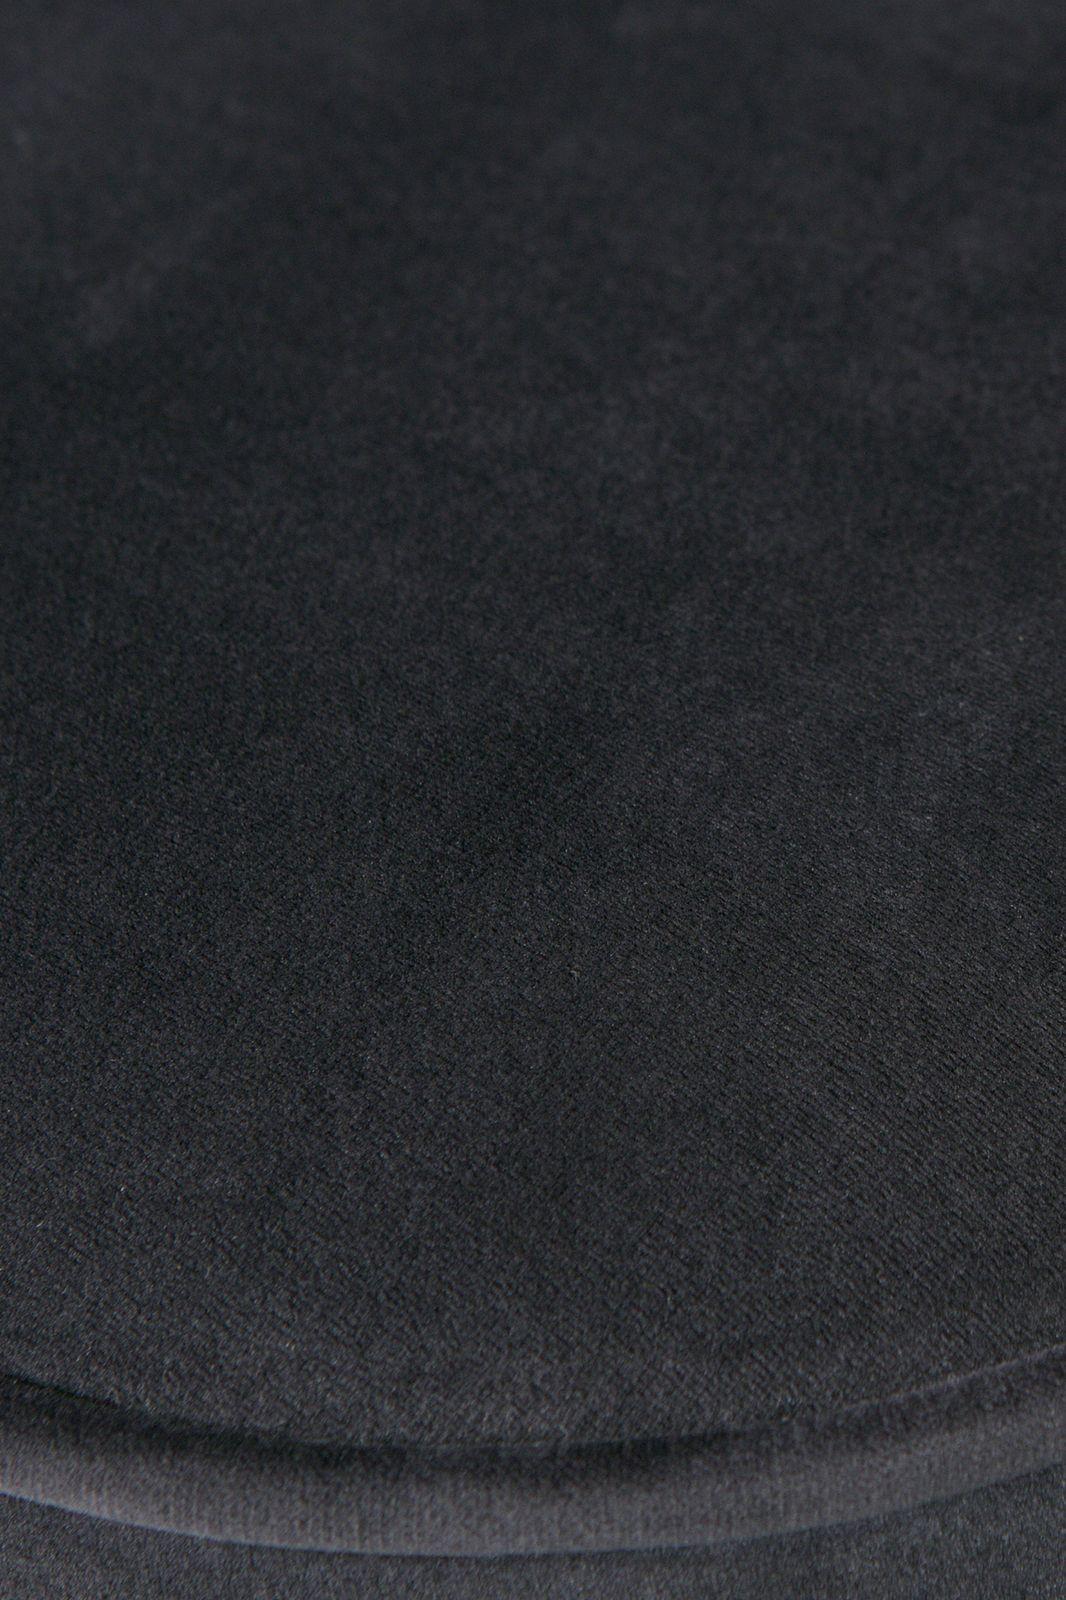 BePureHome Vogue hocker fluweel donkerblauw